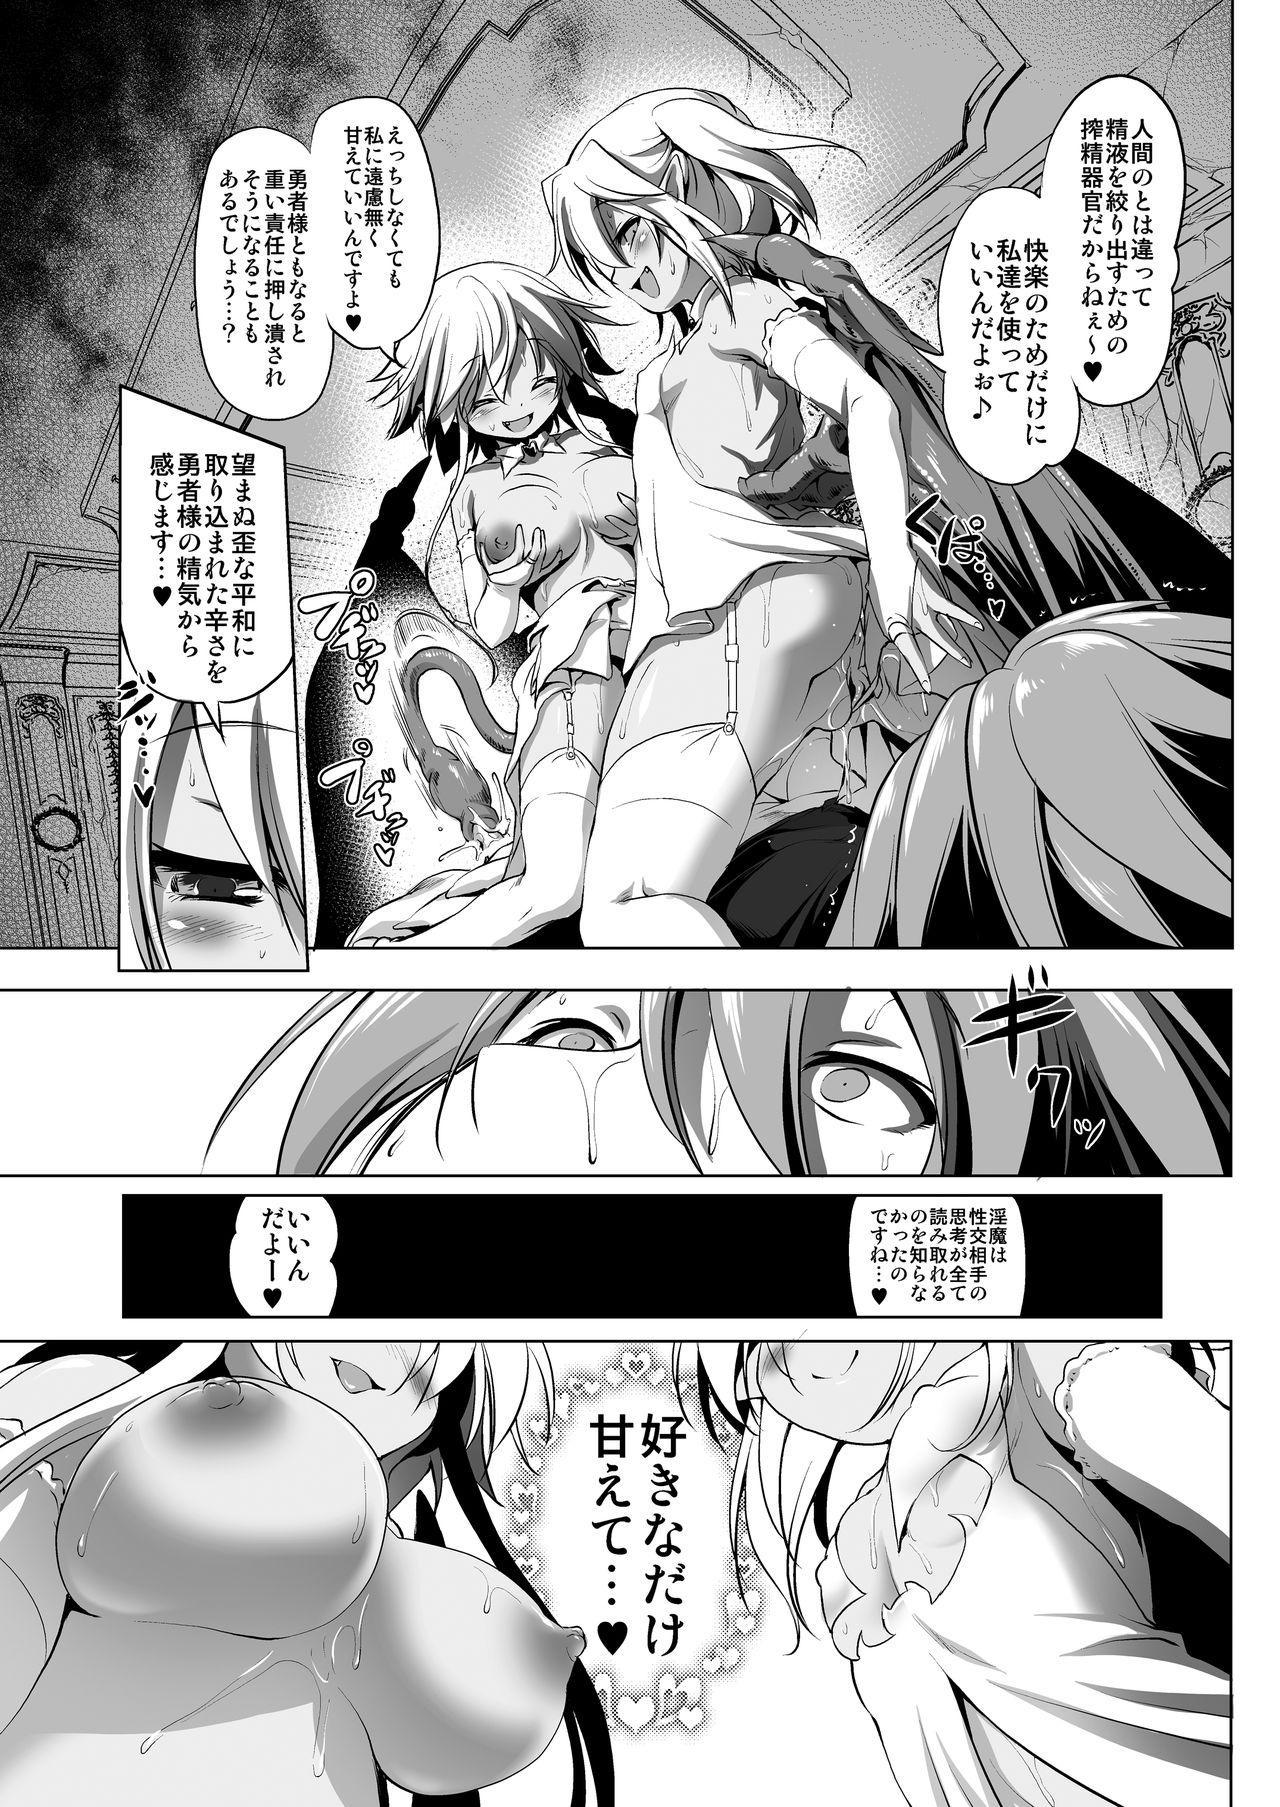 Okinodoku desu ga Bouken no Sho wa Kiete Shimaimashita 13